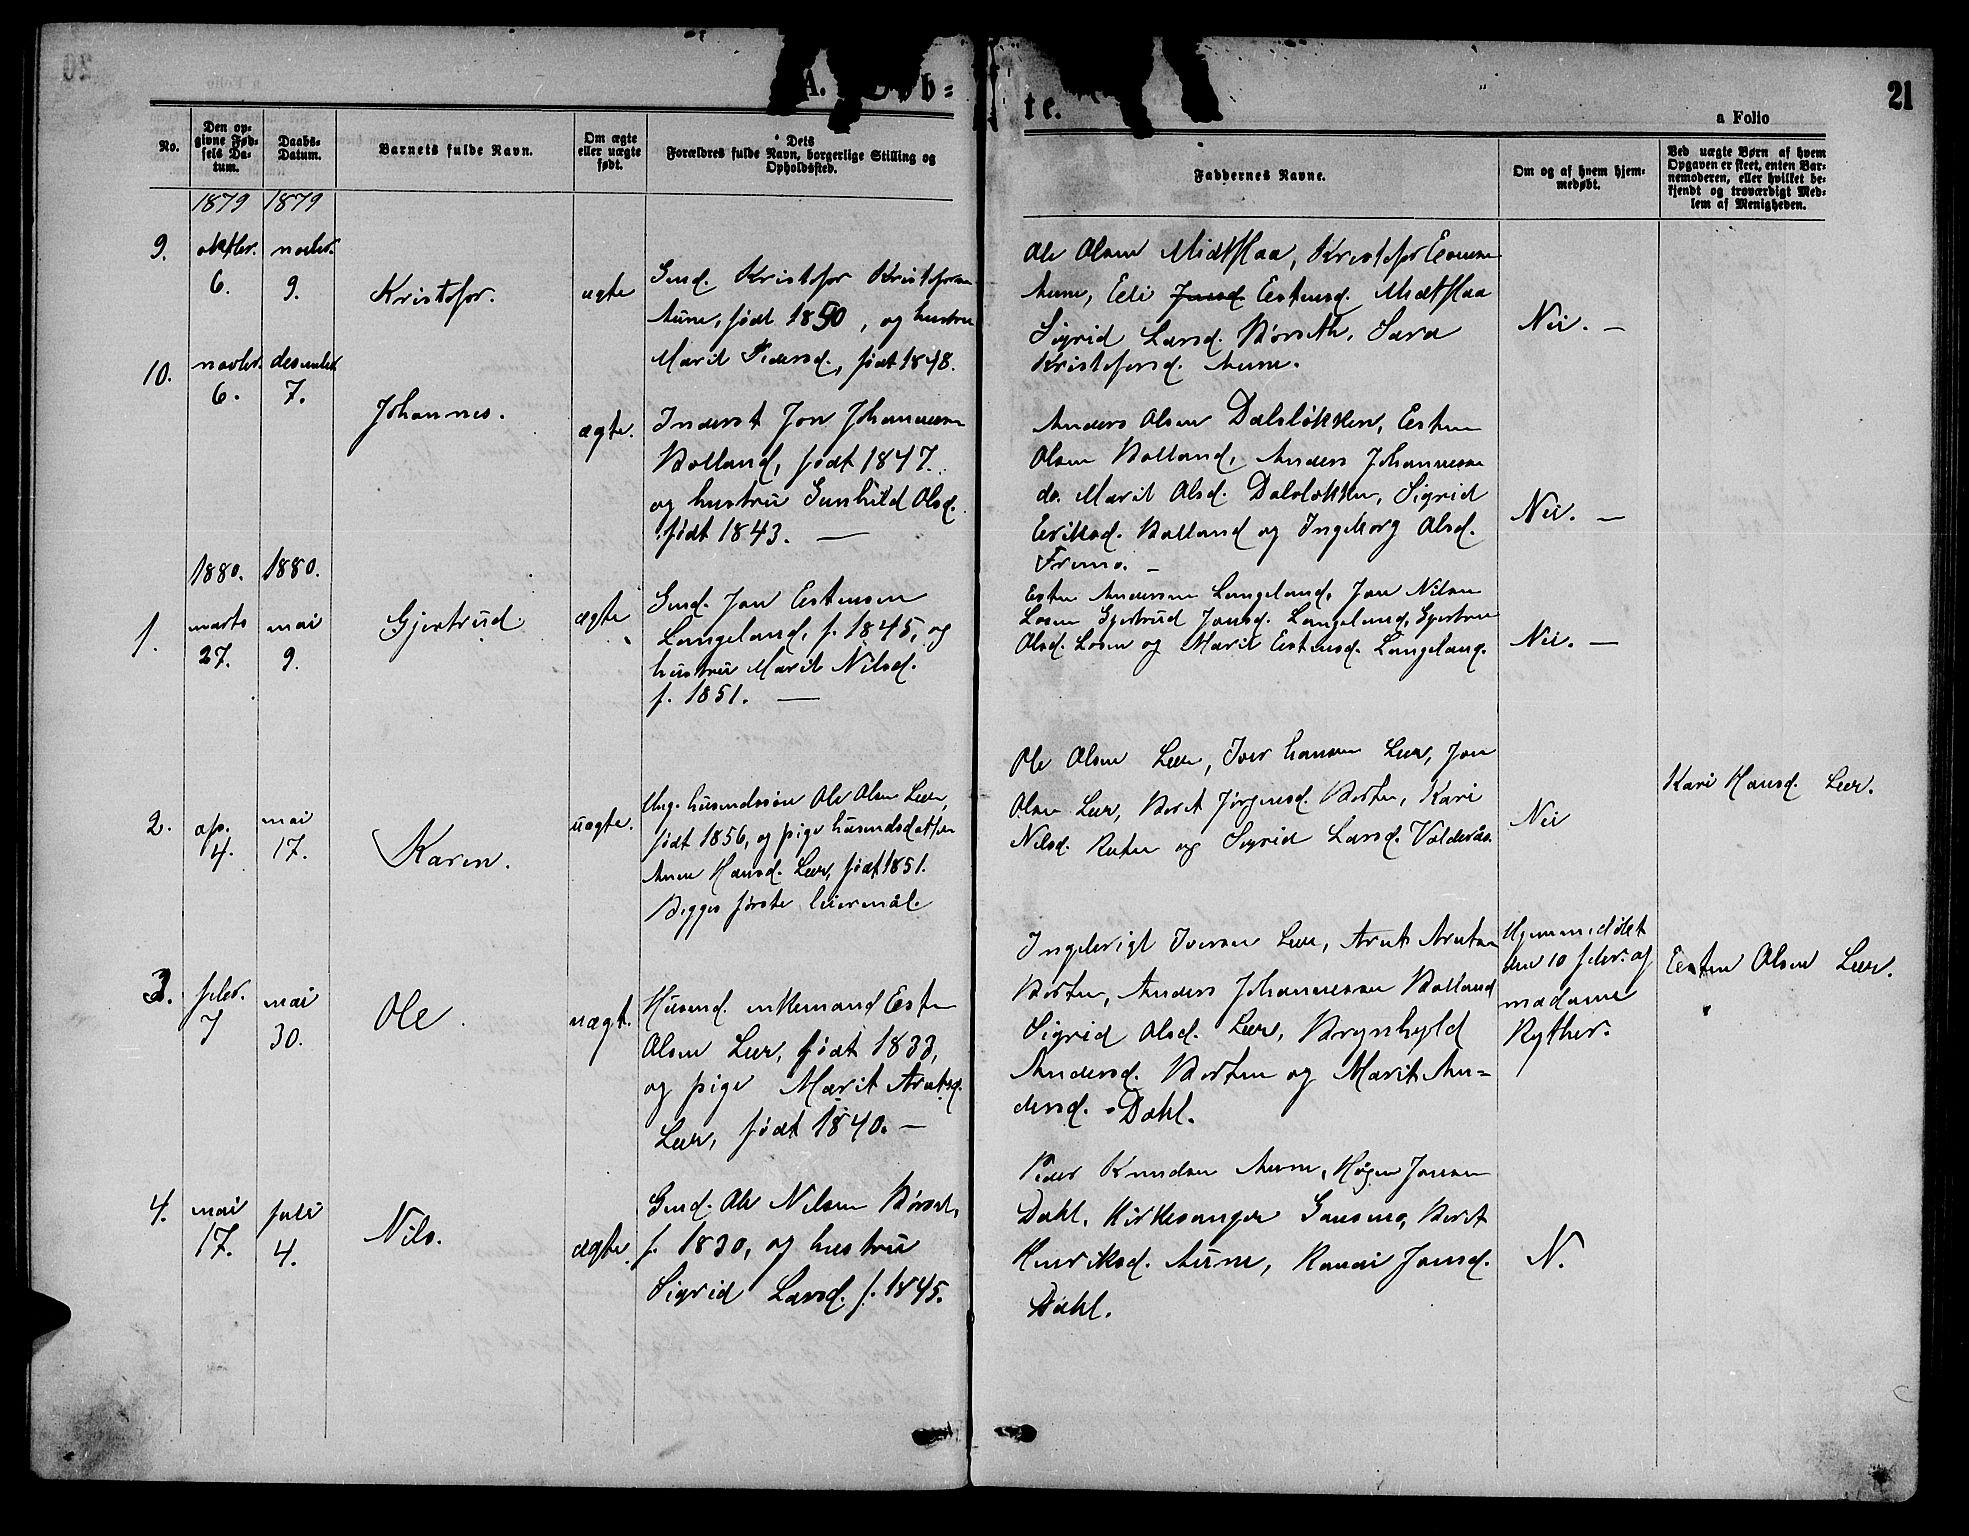 SAT, Ministerialprotokoller, klokkerbøker og fødselsregistre - Sør-Trøndelag, 693/L1122: Klokkerbok nr. 693C03, 1870-1886, s. 21